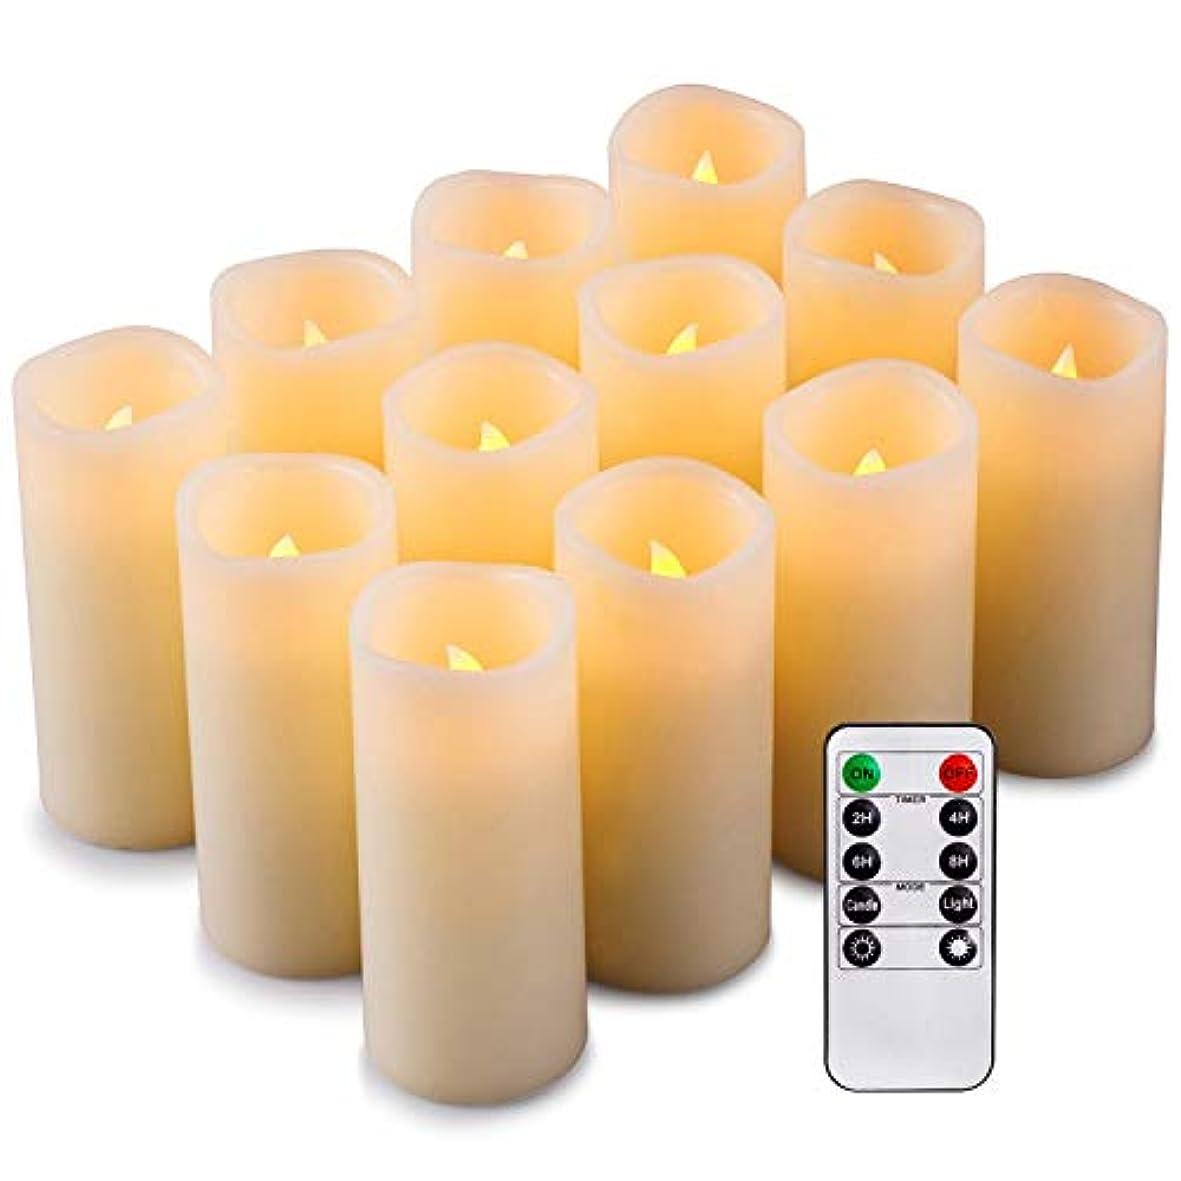 告白通行人クリーナー12 LEDキャンドル、フレームレスキャンドル、キャンドルバッテリー (色 : 30.8*14.8*21.5)